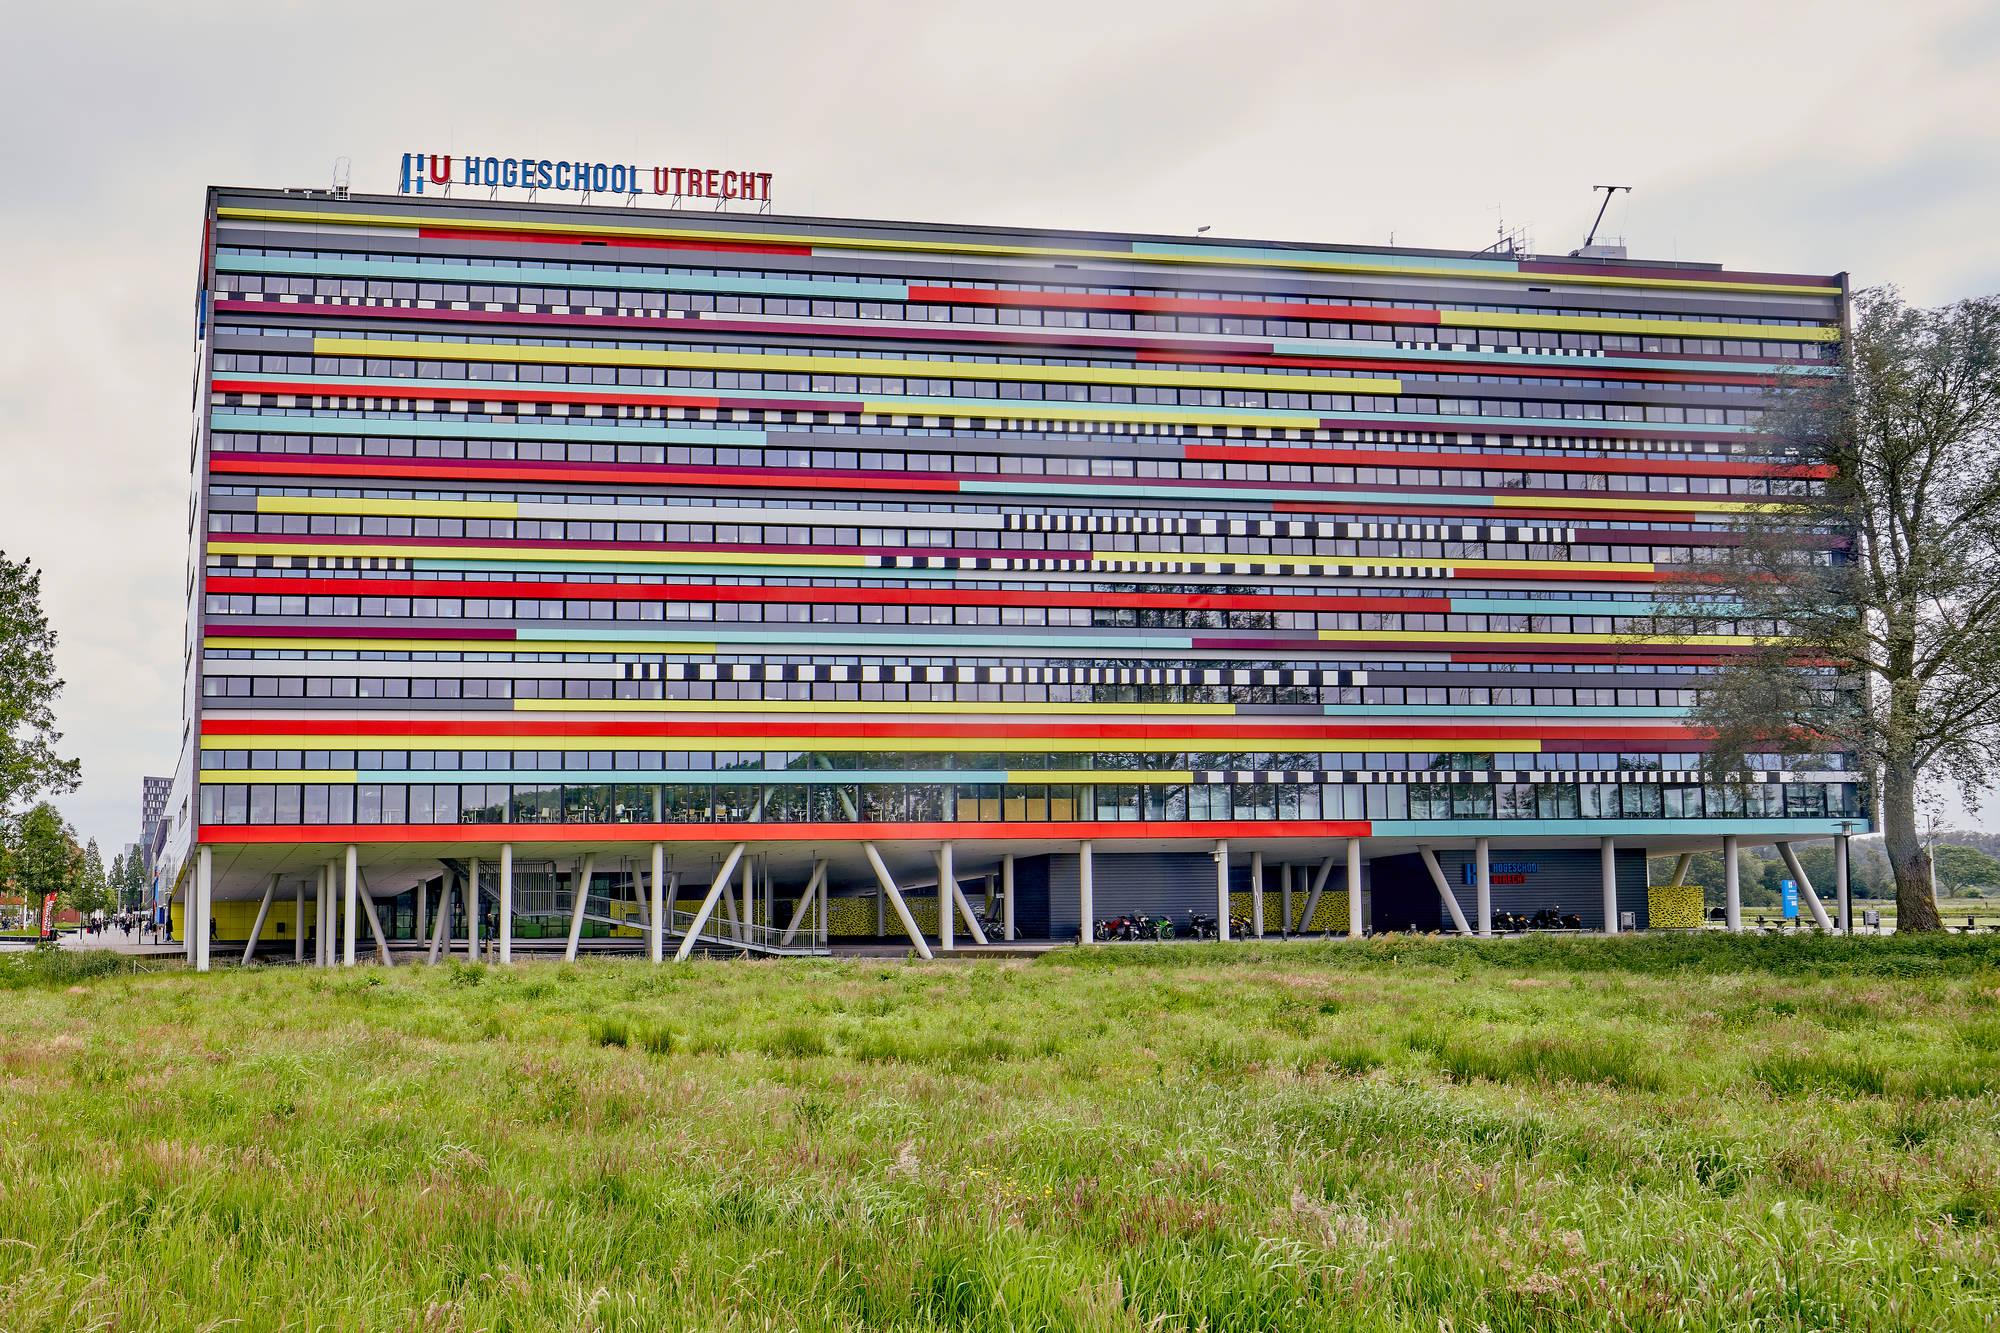 Kết quả hình ảnh cho hu university of applied sciences utrecht